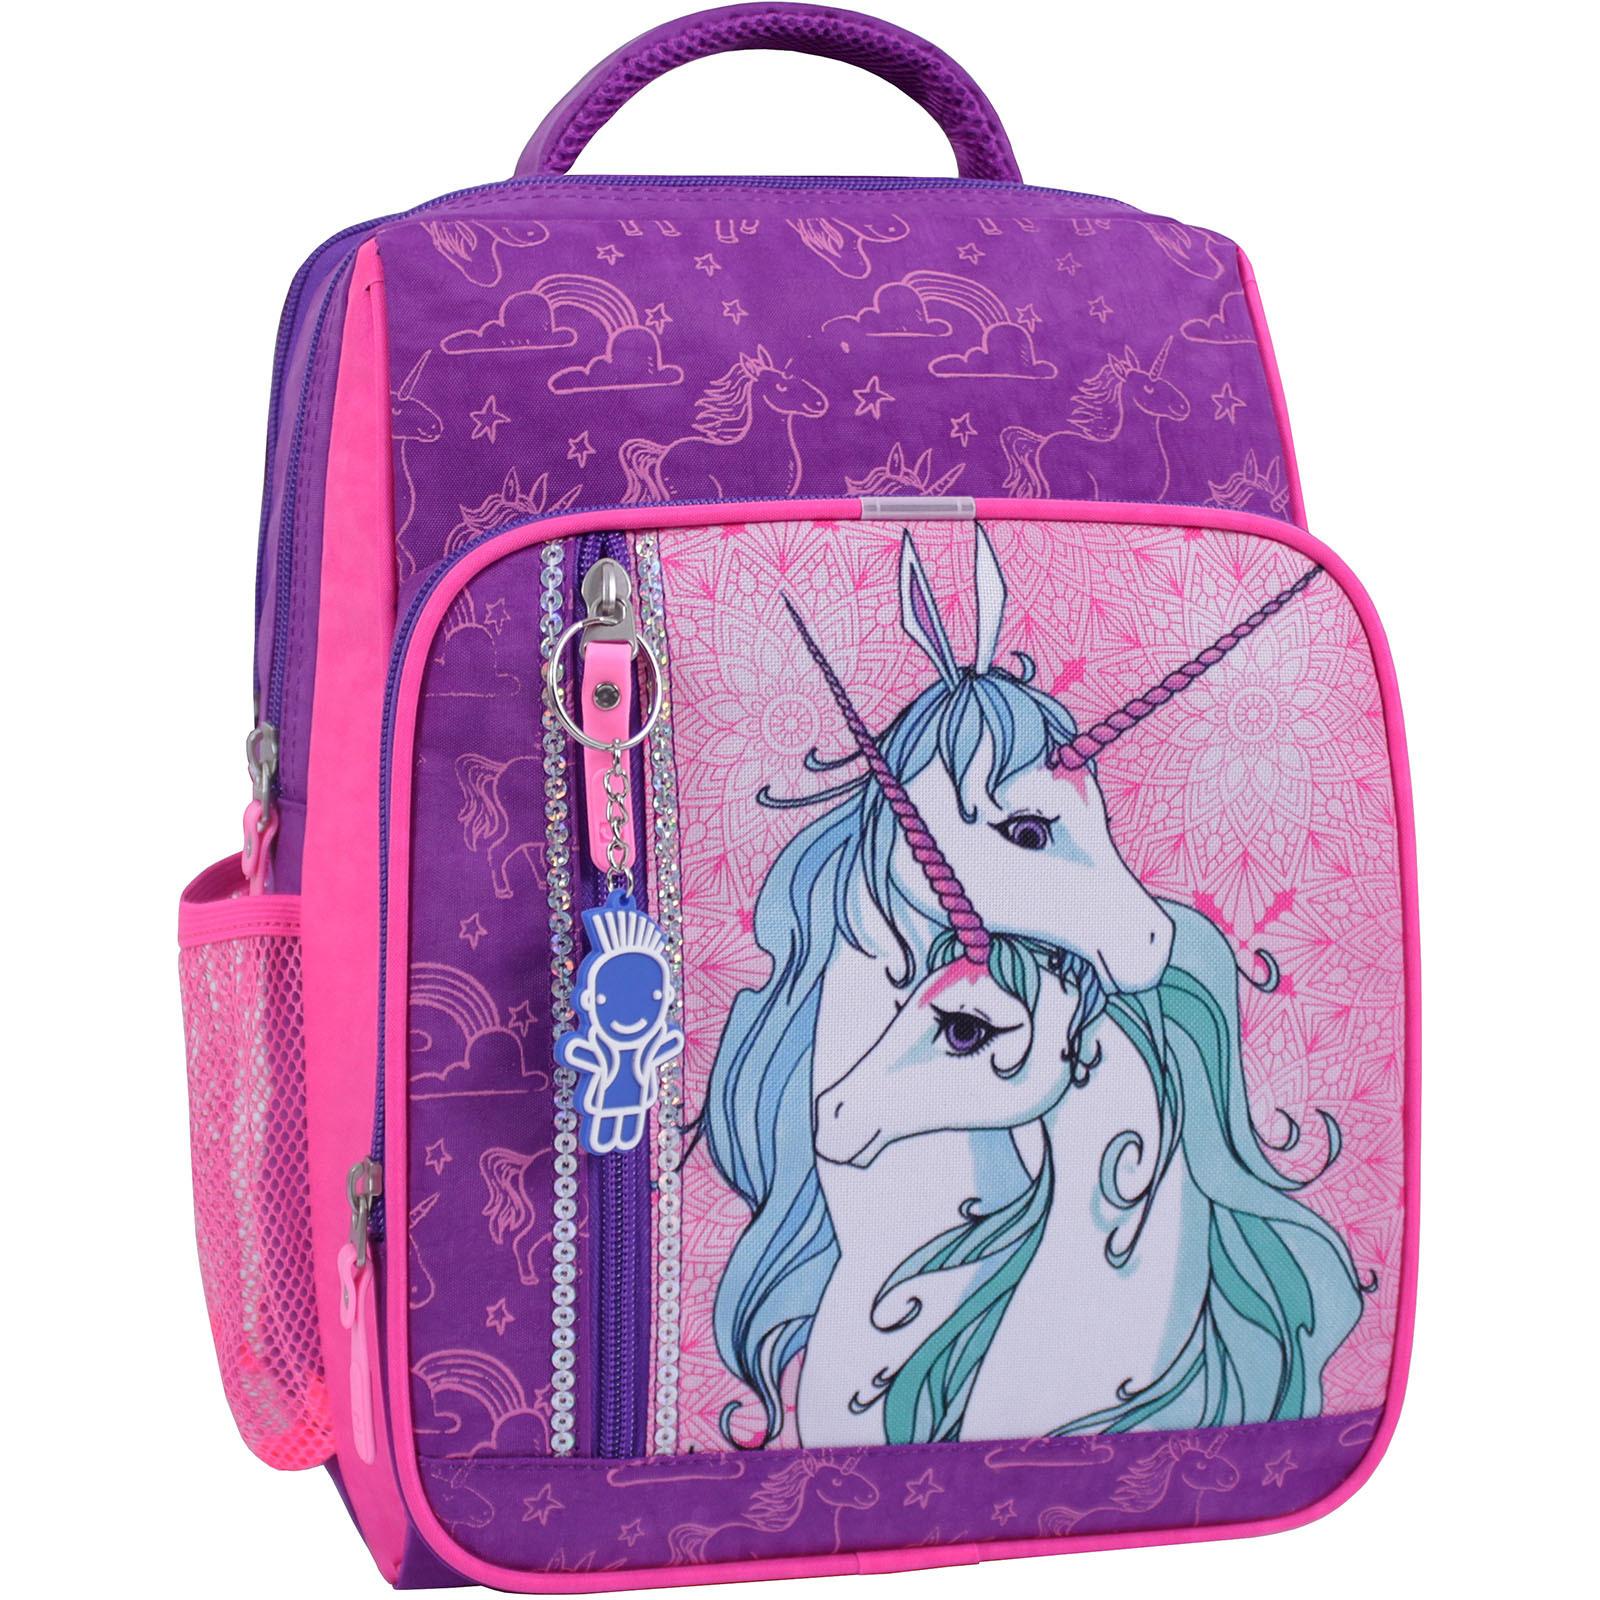 Детские рюкзаки Рюкзак школьный Bagland Школьник 8 л. фиолетовый 596 (0012870) IMG_1082_суб.596_.JPG